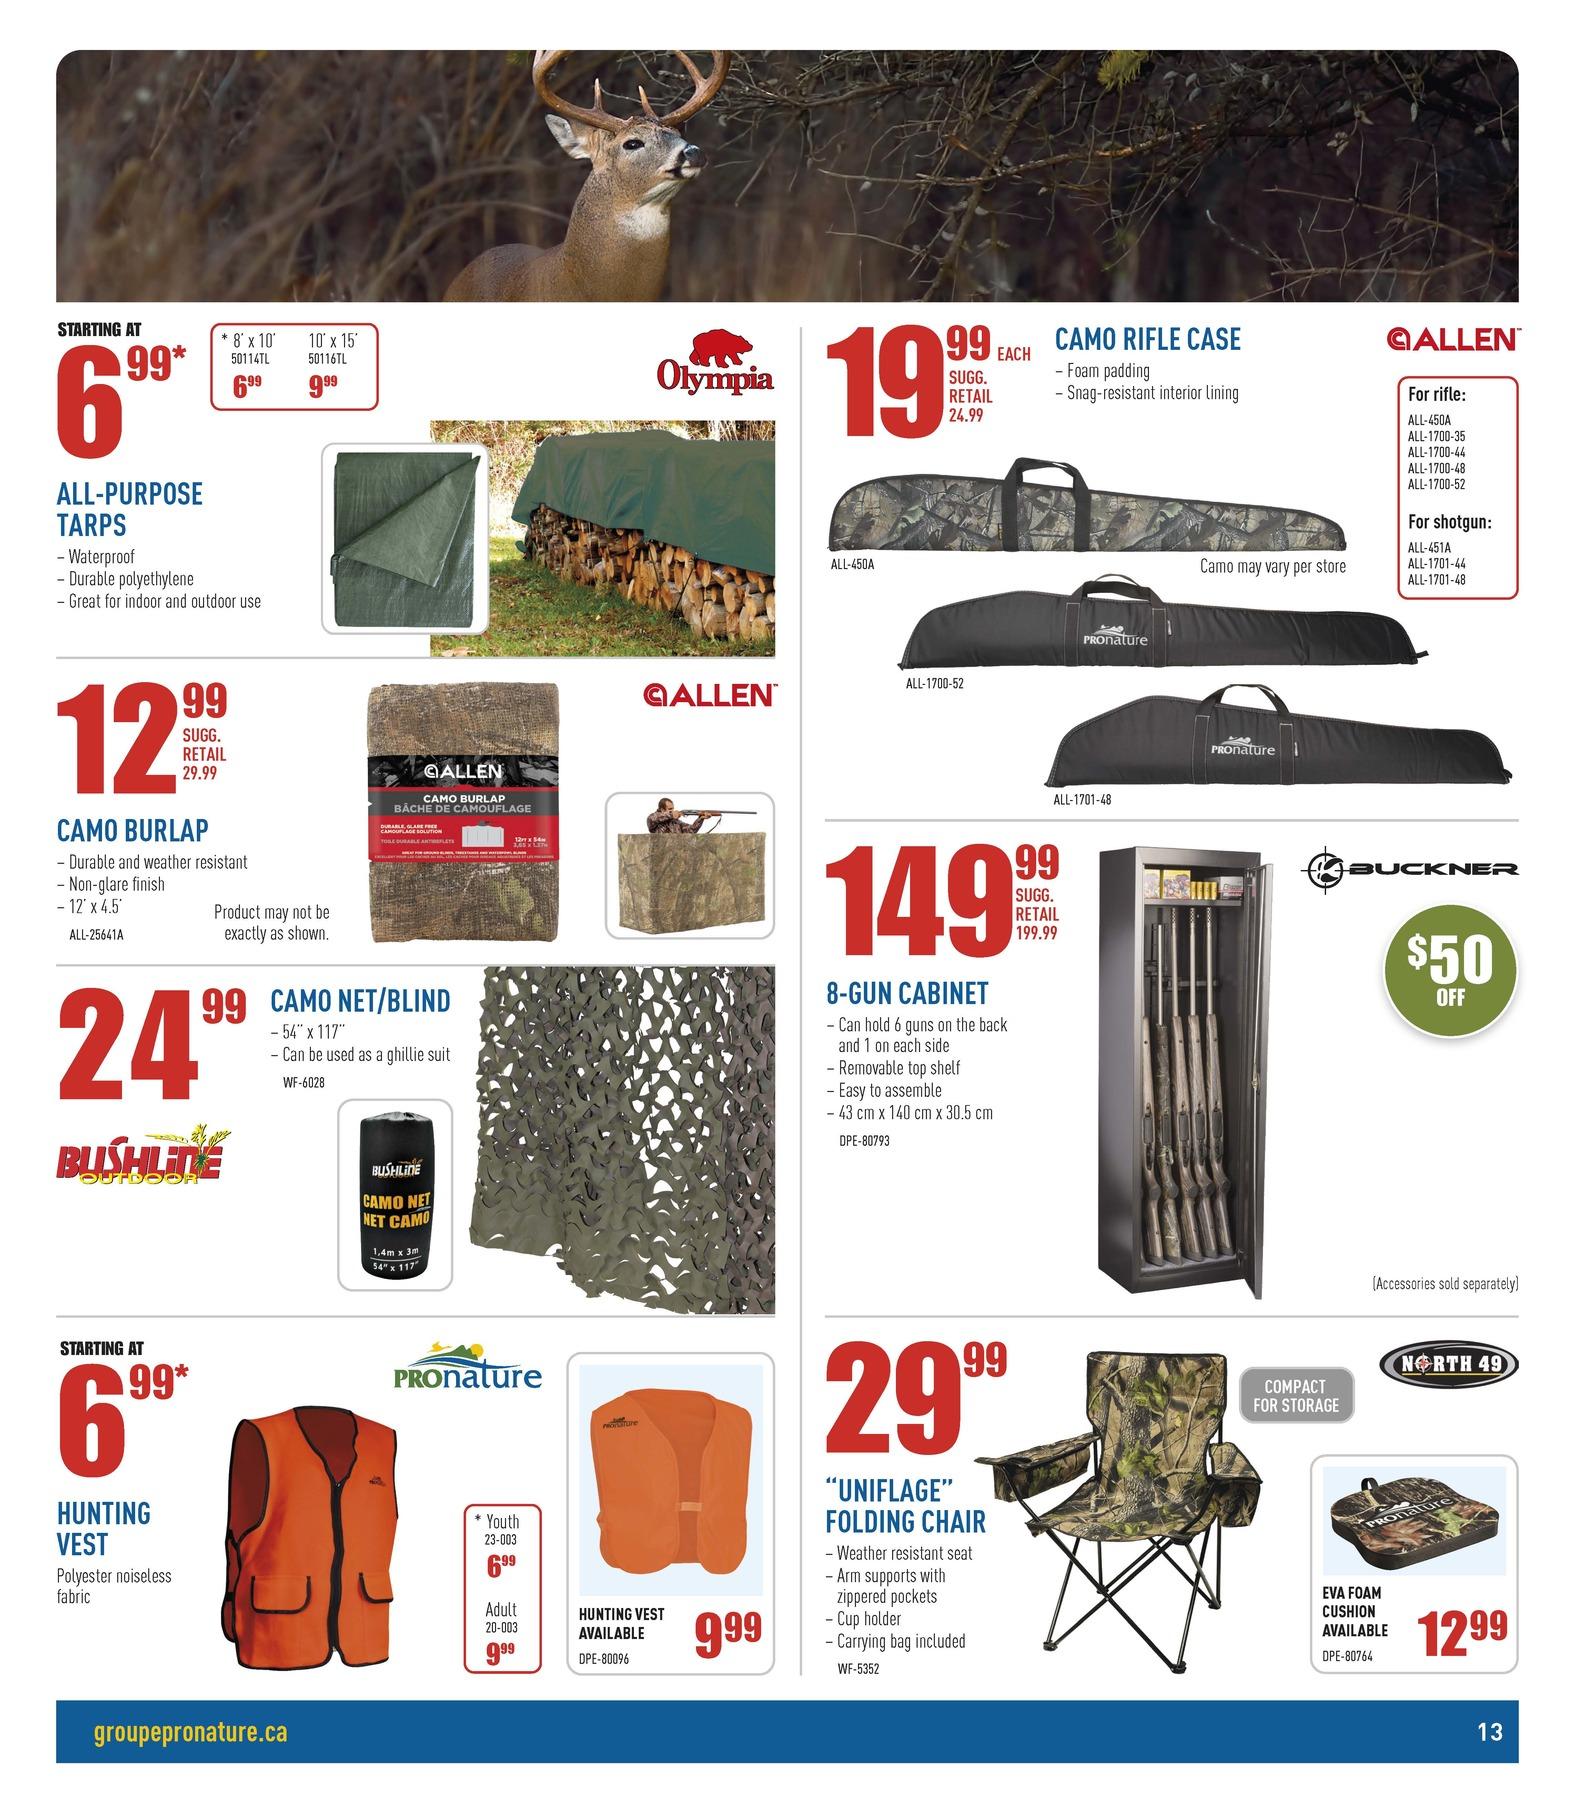 Flyer 201018 522 page 13 en 1601992005